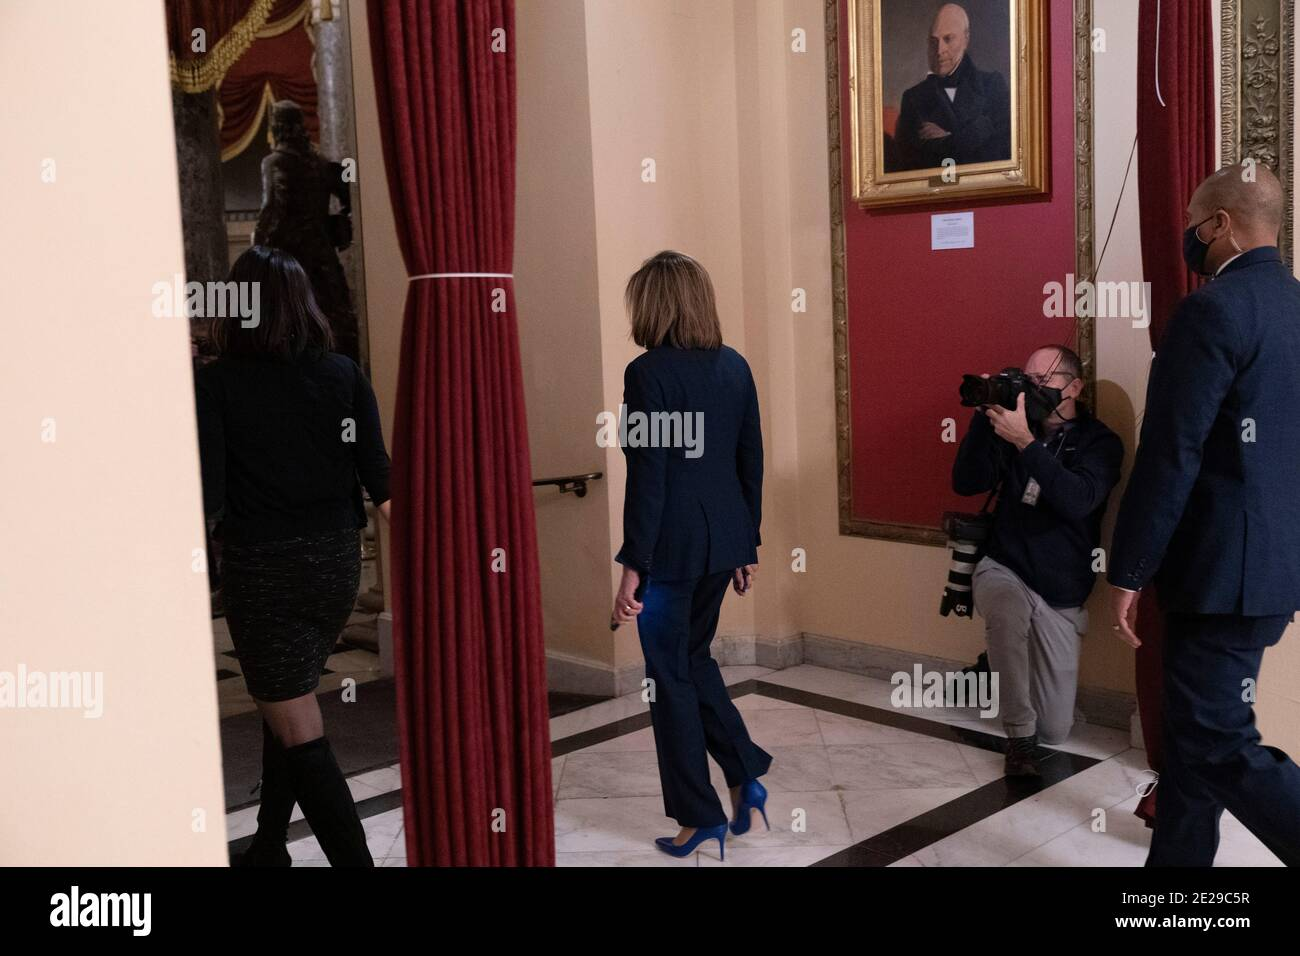 Washington DC- Presidente de la, Estados Unidos. 12 de enero de 2021. La Cámara de representantes Nancy Pelosi sale de la Cámara de representantes después de haber votado sobre la destitución del presidente Trump. Crédito de la foto: Chris Kleponis/Sipa USA crédito: SIPA USA/Alamy Live News Foto de stock